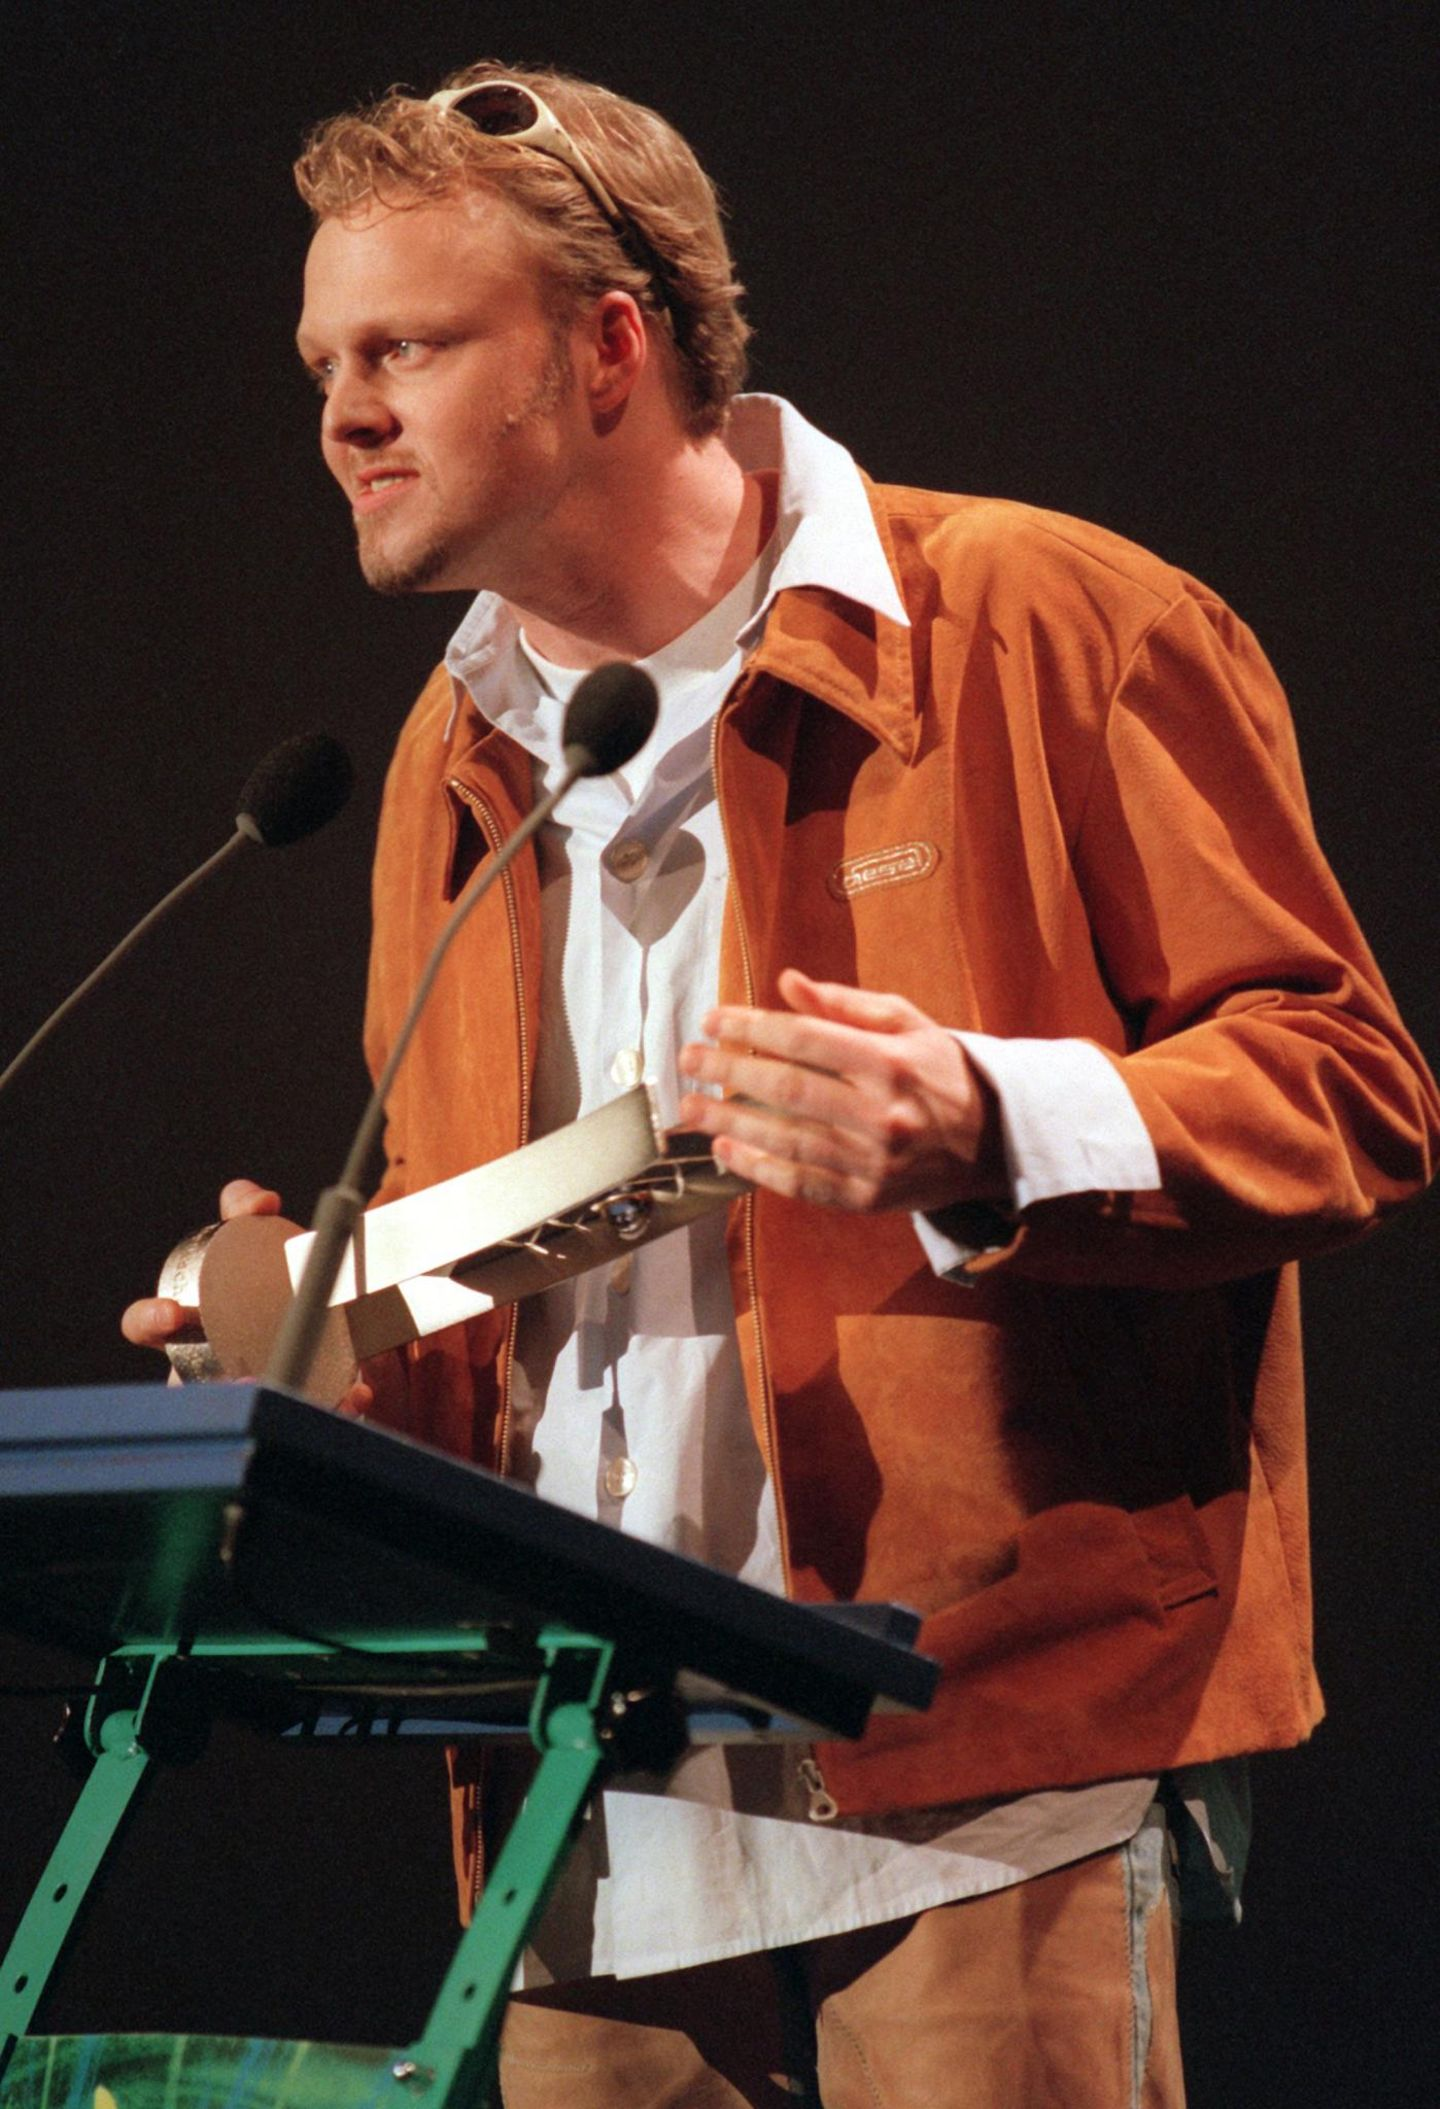 """1993 startet Stefan Raab seine Fernsehkarriere mit der Moderation der Sendung """"Vivasion"""" auf Viva, macht damals aber auch schon Musik. """"Böörti Böörti Vogts"""" ist 1994 sein erster Charterfolg. 1997 bekommt er den """"Echo"""" als bester Produzent für Bürger Lars Dietrichs Album """"Schlimmer Finger""""."""